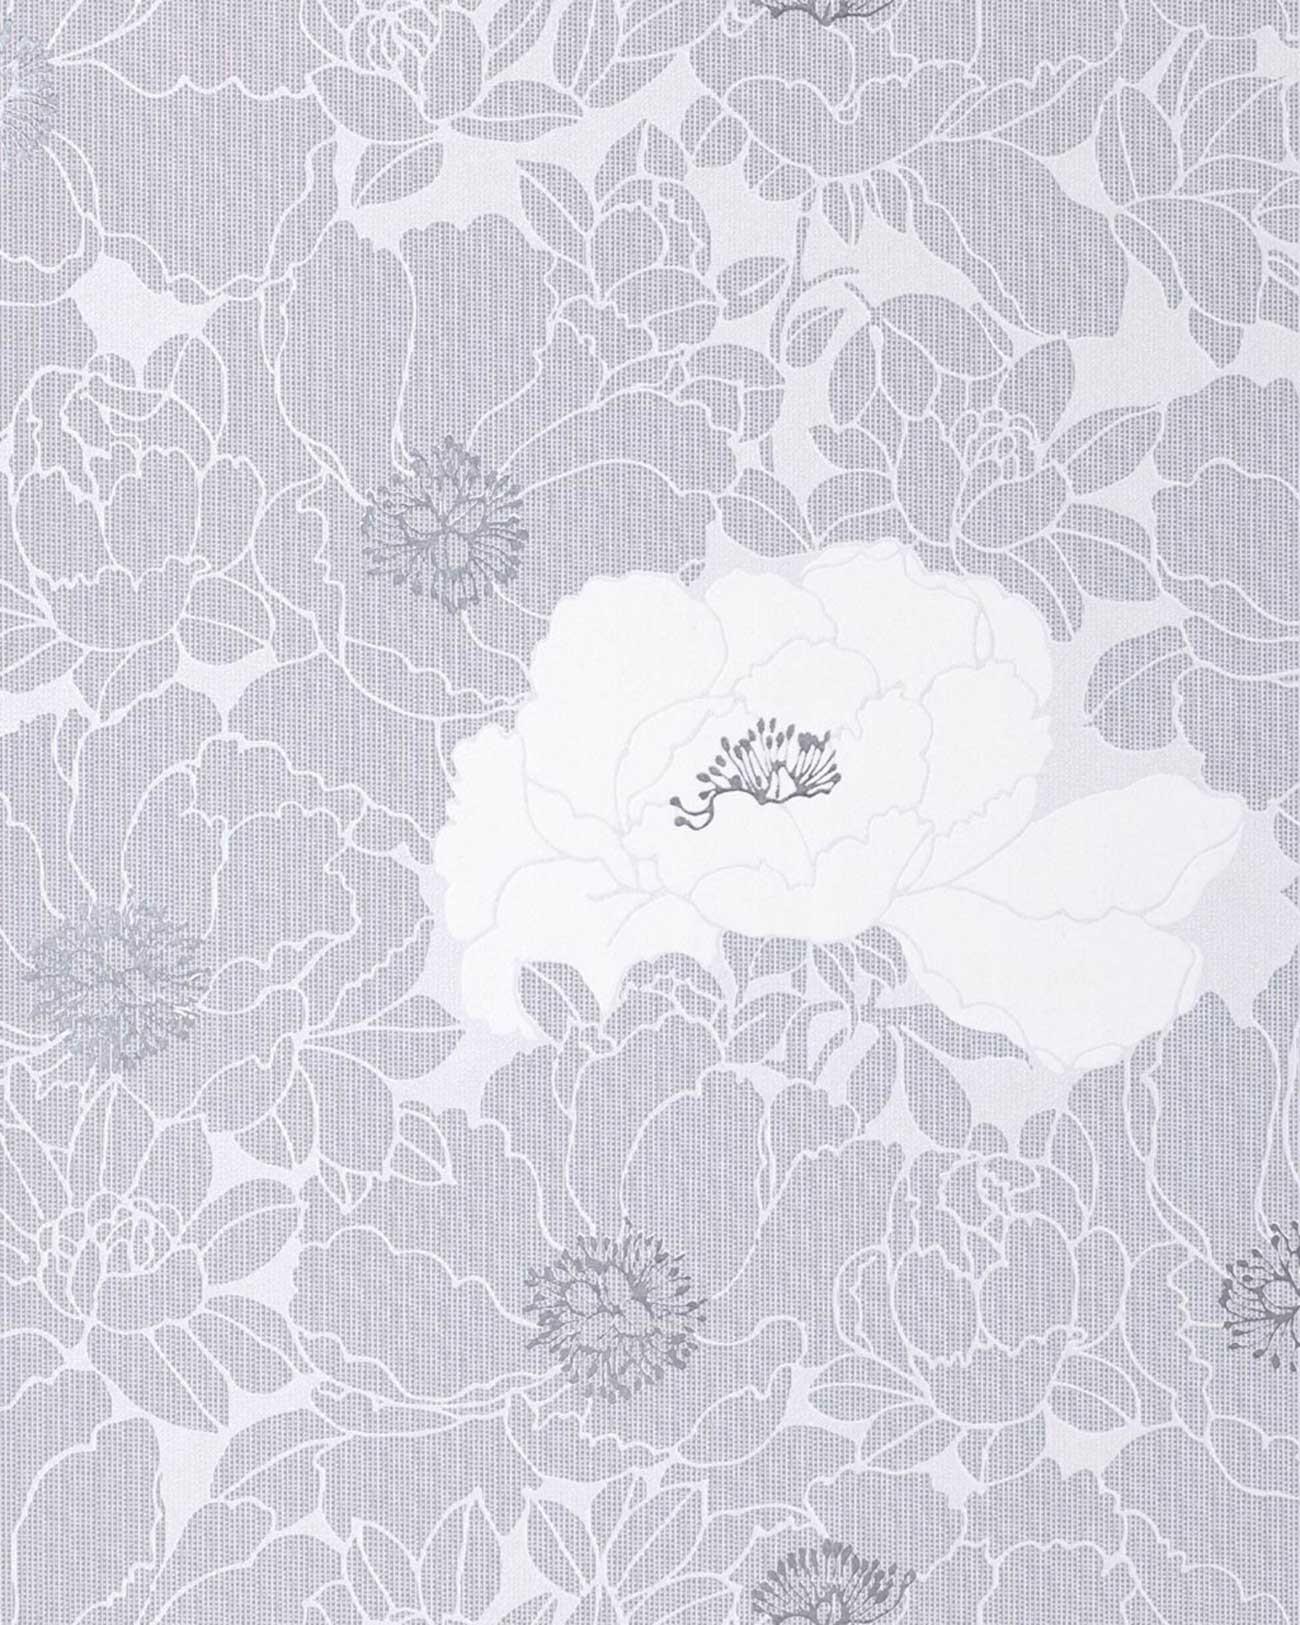 Papier peint en relief design motif floral edem 025 26 for Papier peint raye gris et blanc